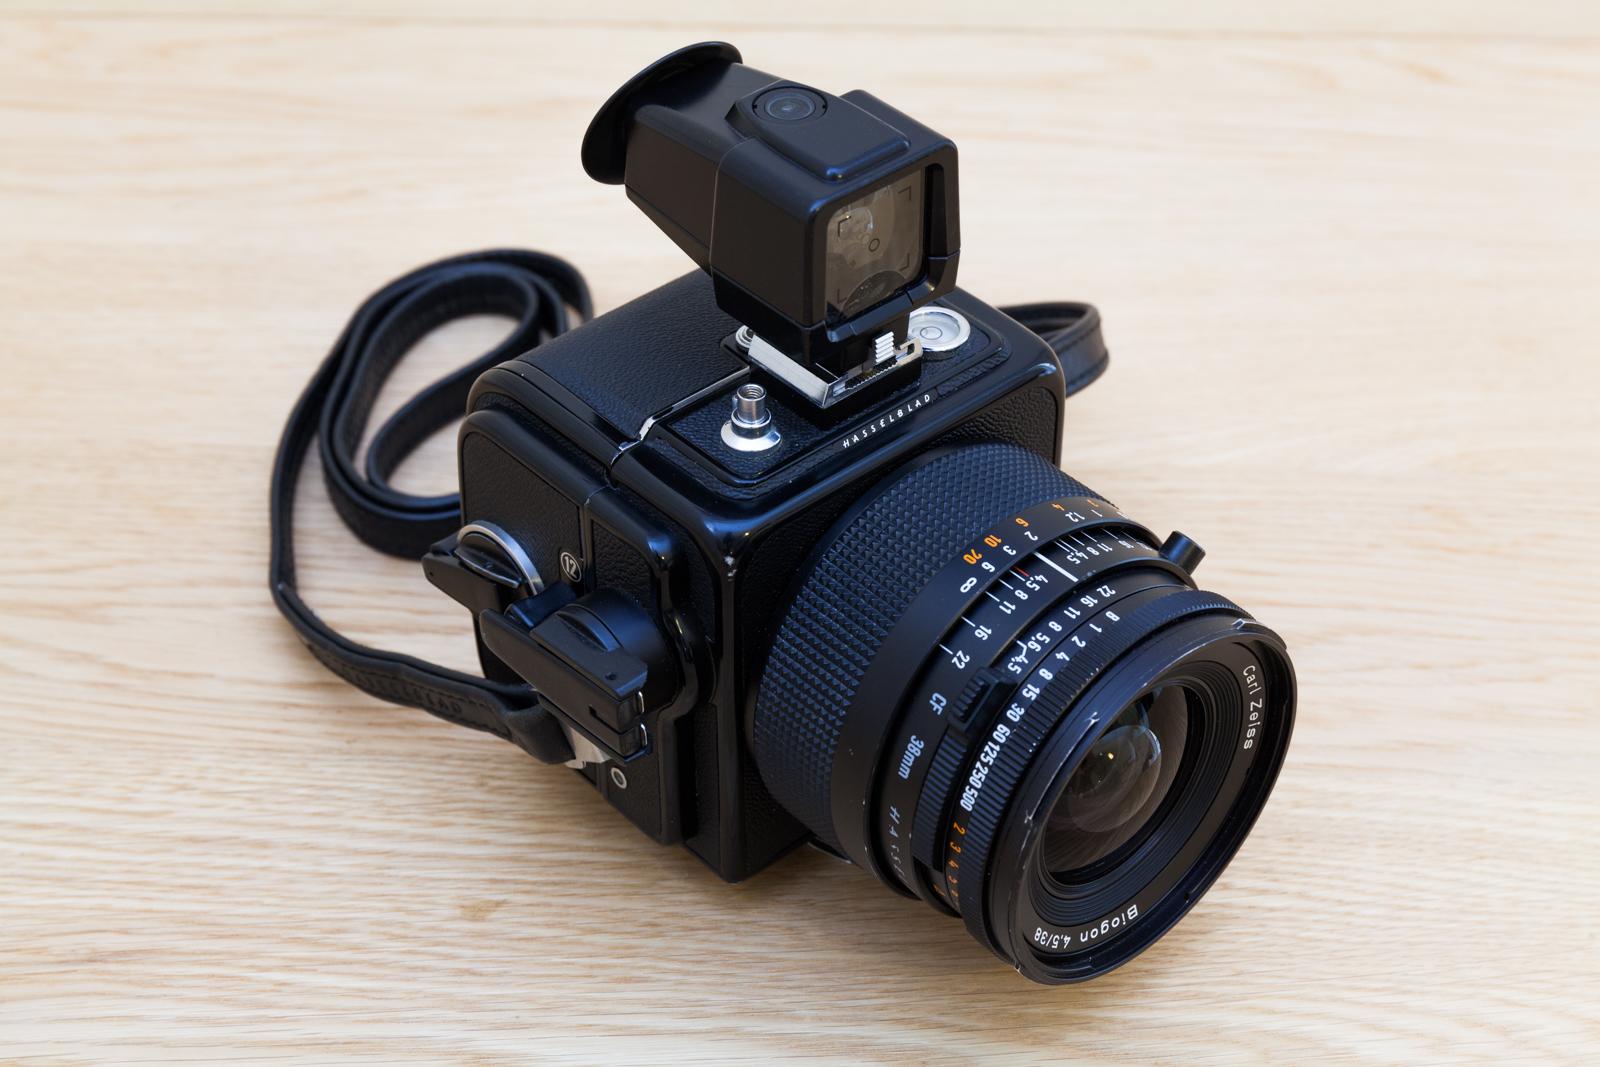 Vue générale du Hasselblad SWC/M, appareil photo moyen-format argentique au format 6x6.